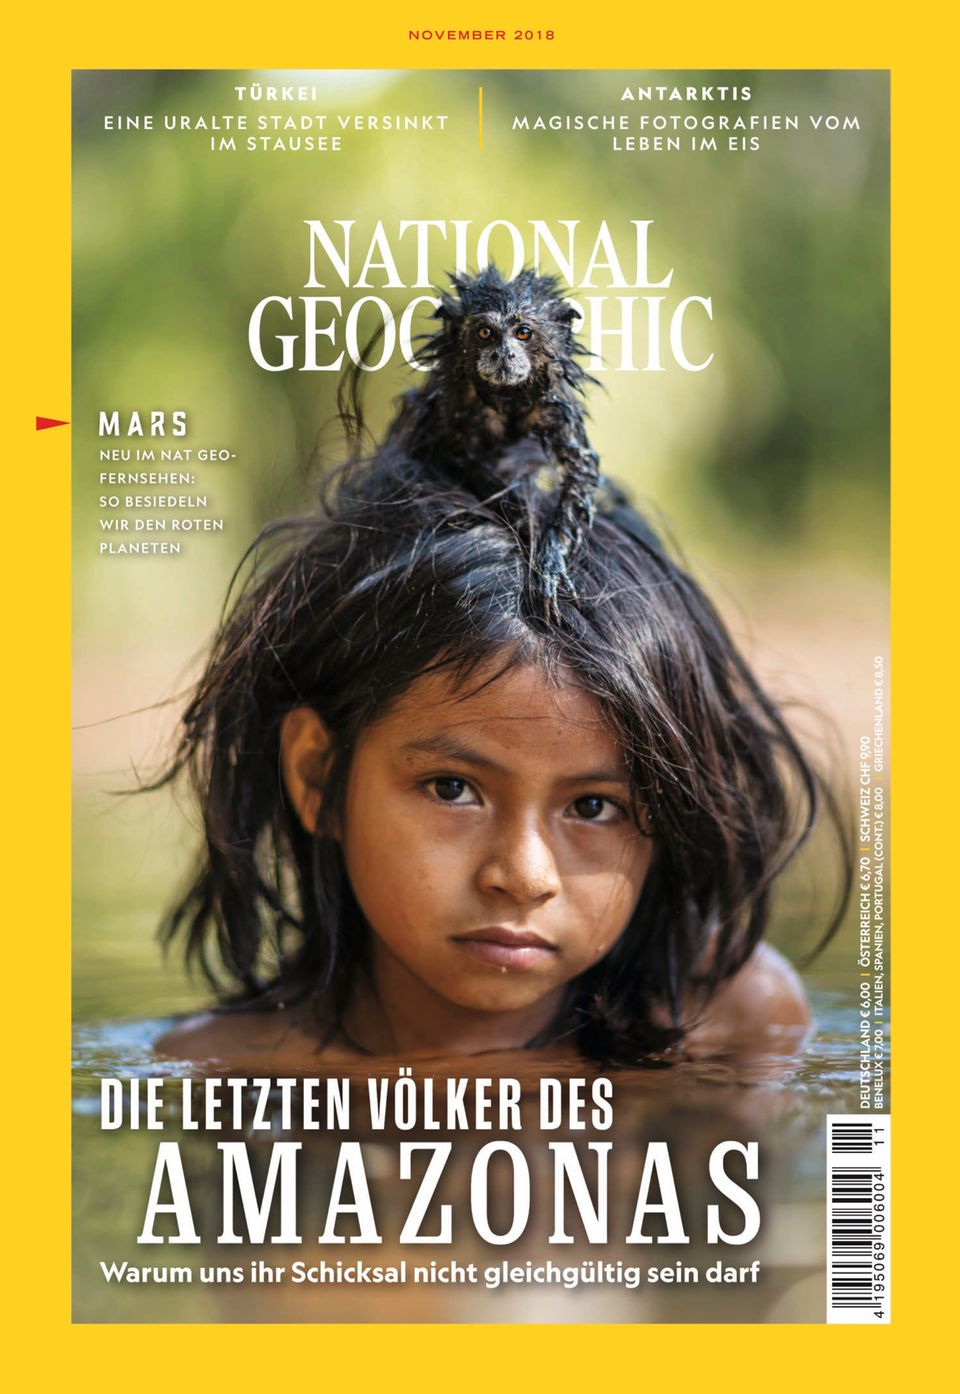 """Lesen Sie mehr zum Thema """"Essen der Zukunft"""" und weitere spannende Geschichte in der aktuellen November-Ausgabe der National Geographic"""